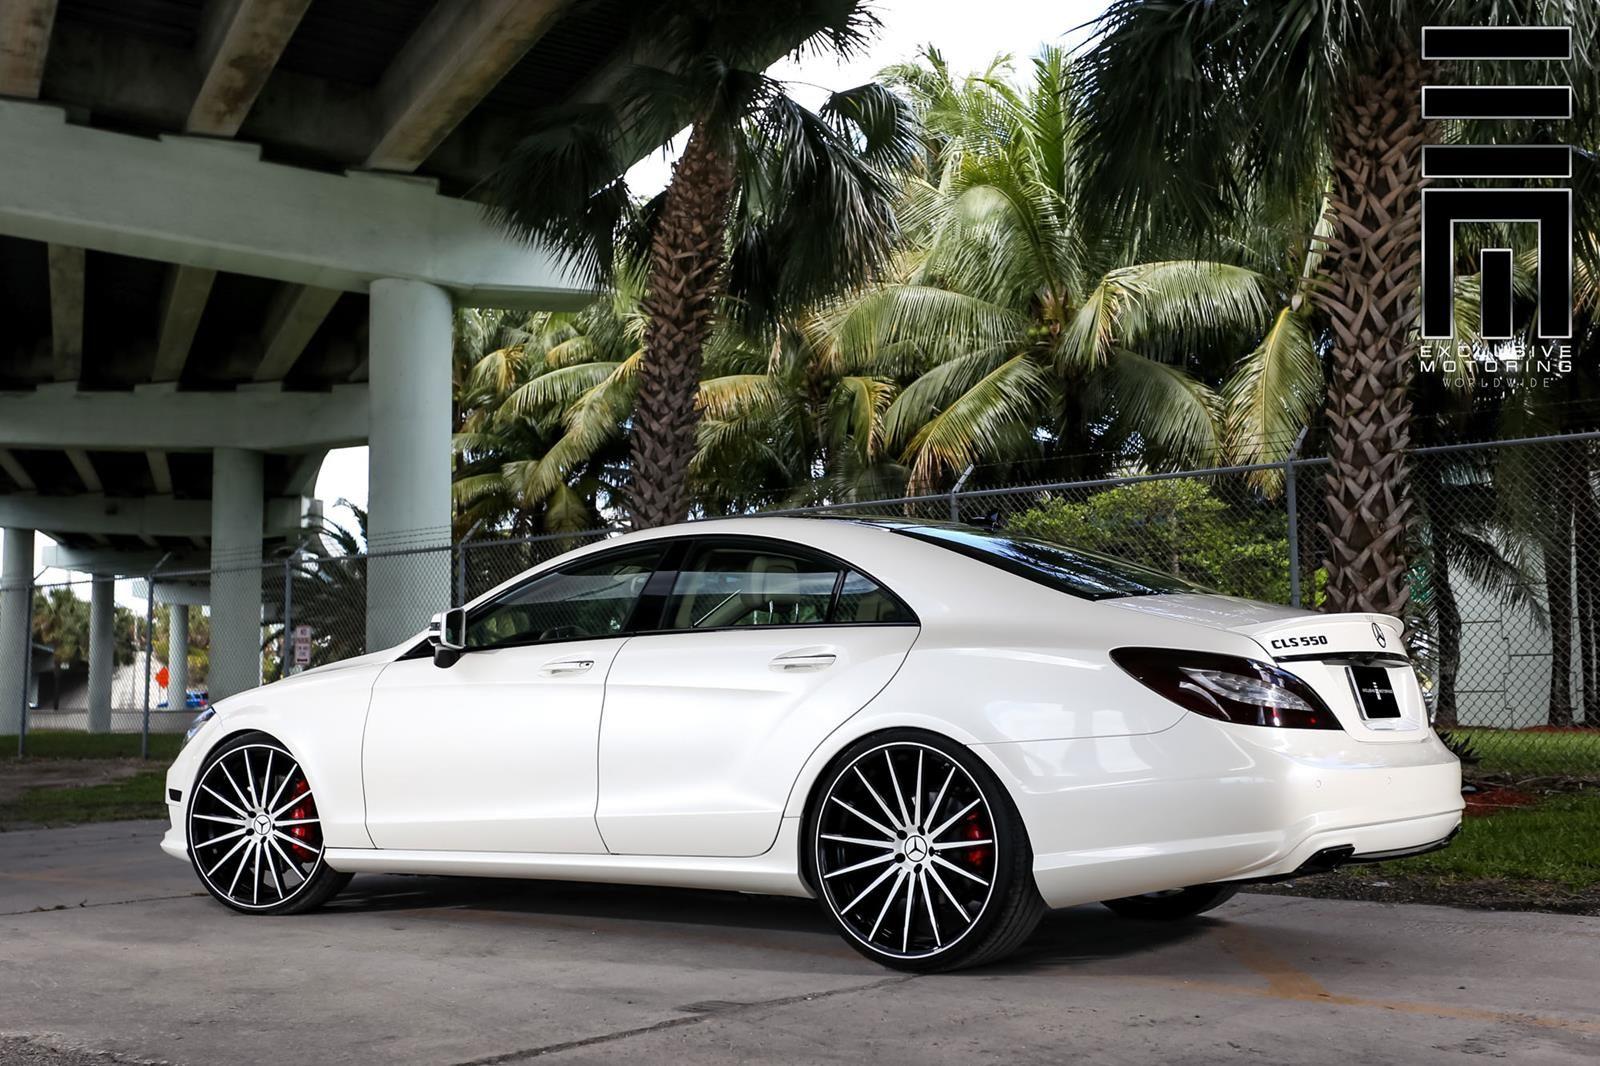 Mercedes benz w218 cls550 white on vossen vfs2 wheels